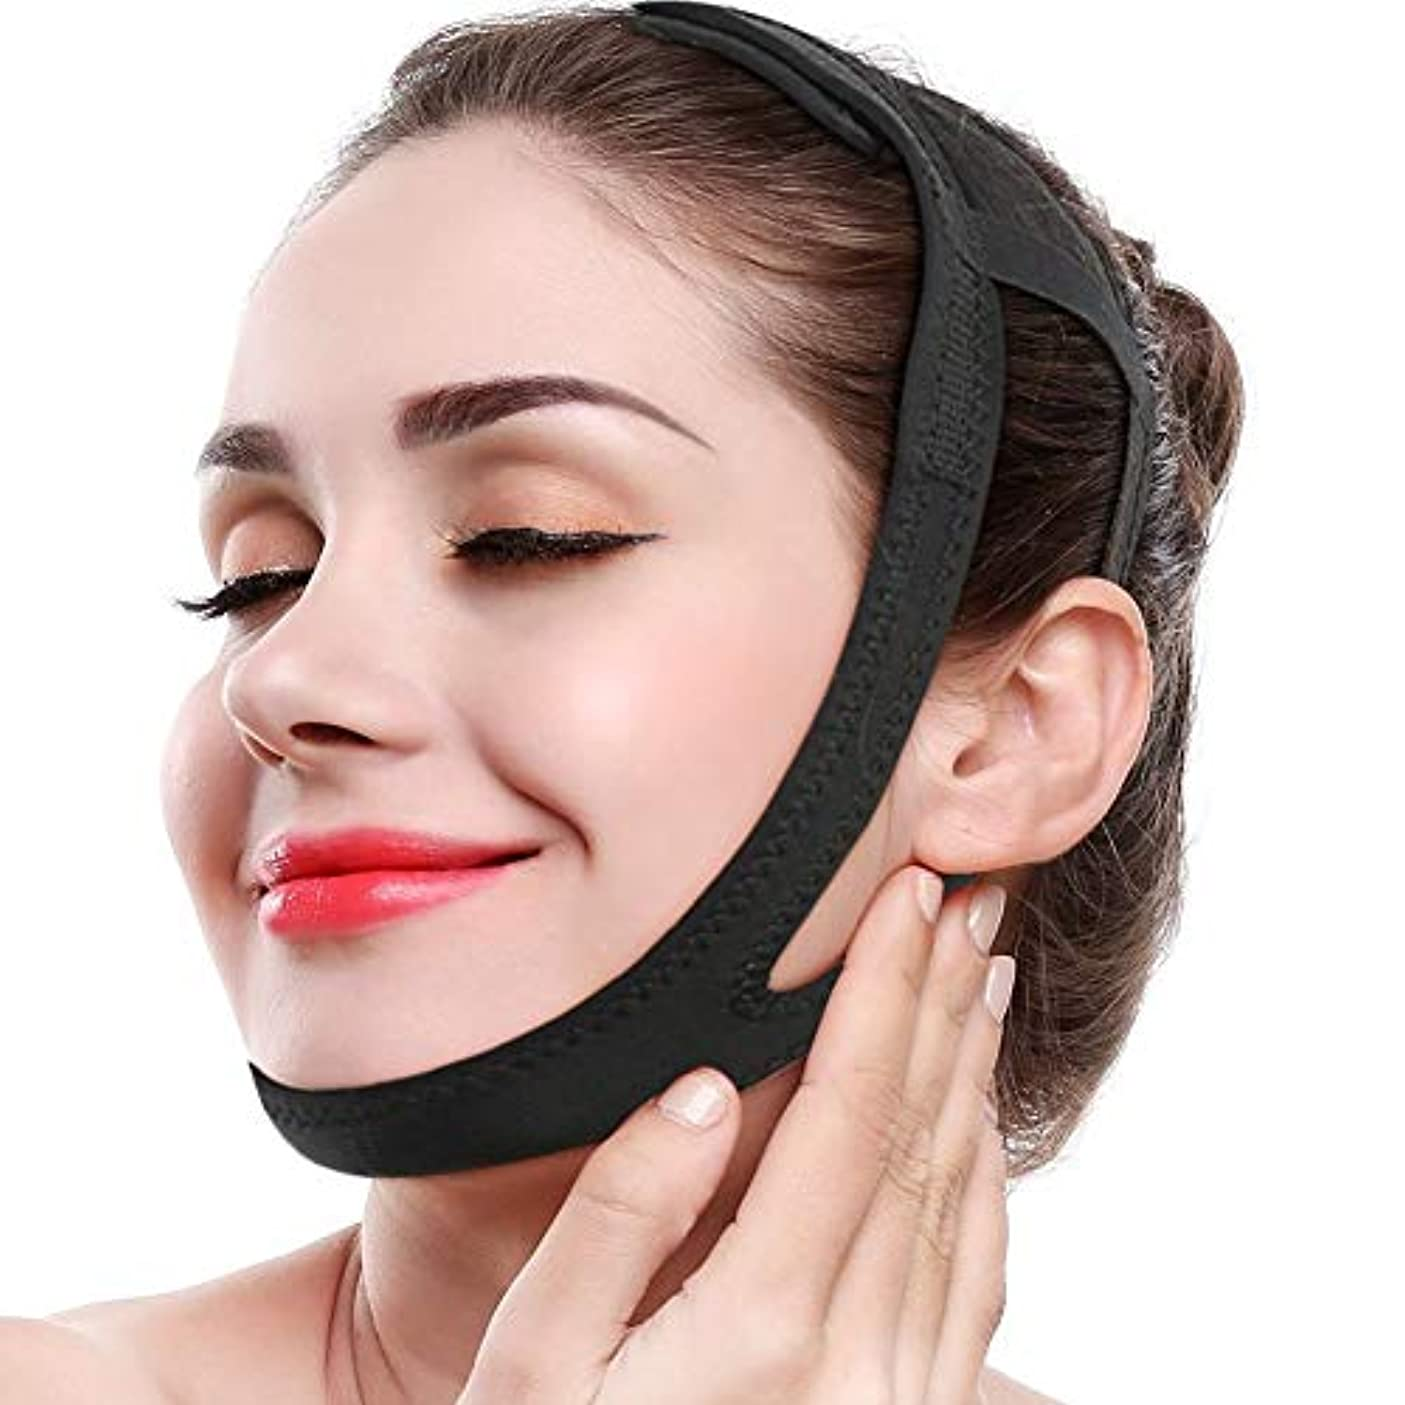 委任する冷凍庫鷹顔の細くの薄い表面マスク、持ち上がる表面ベルトは顔の包帯のための二重あごの引き締まった肌の抵抗の形のVライン減量を減らします